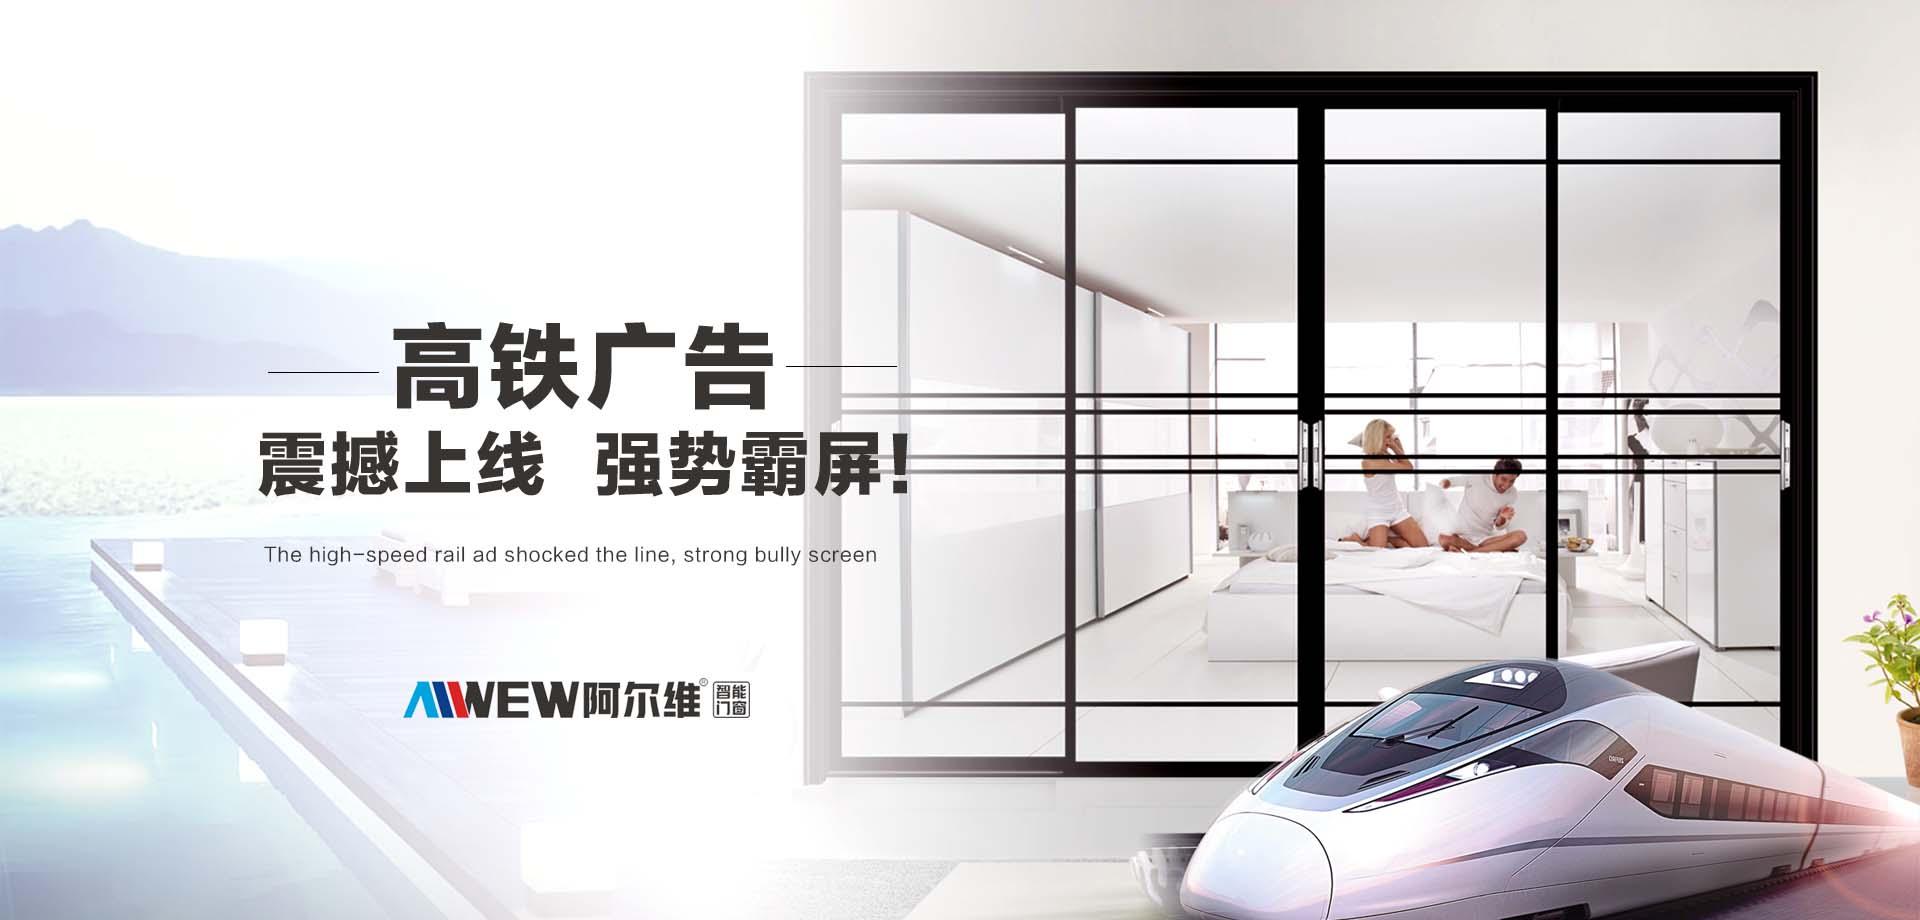 阿尔维门窗签约高铁广告, 开启品牌提速之旅!